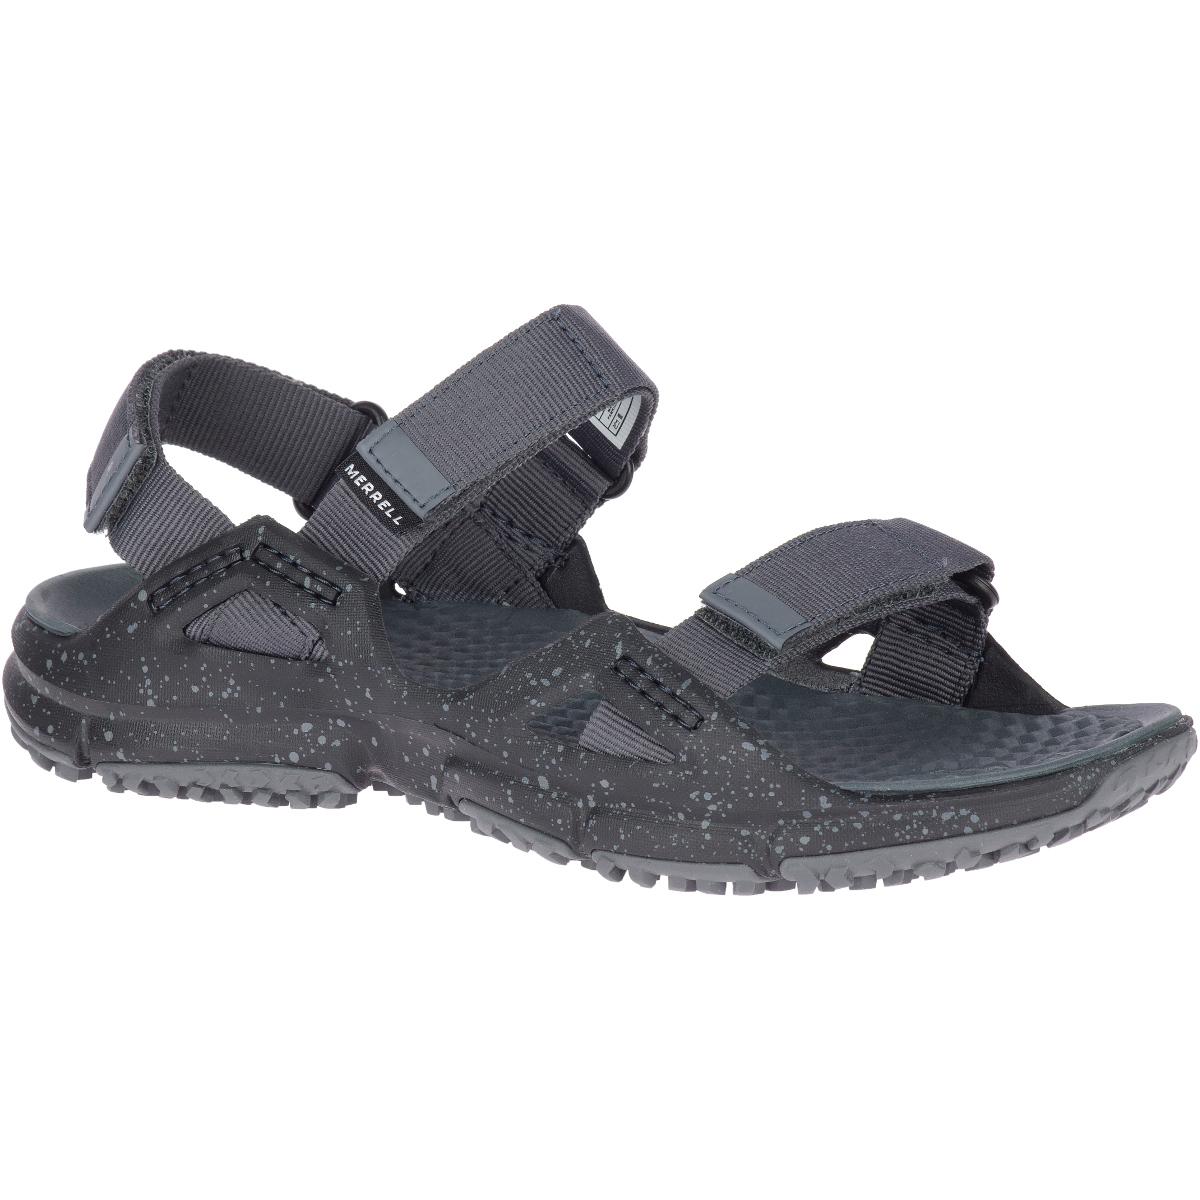 Merrell Women's Hydrotrekker Strap Sandal - Black, 6